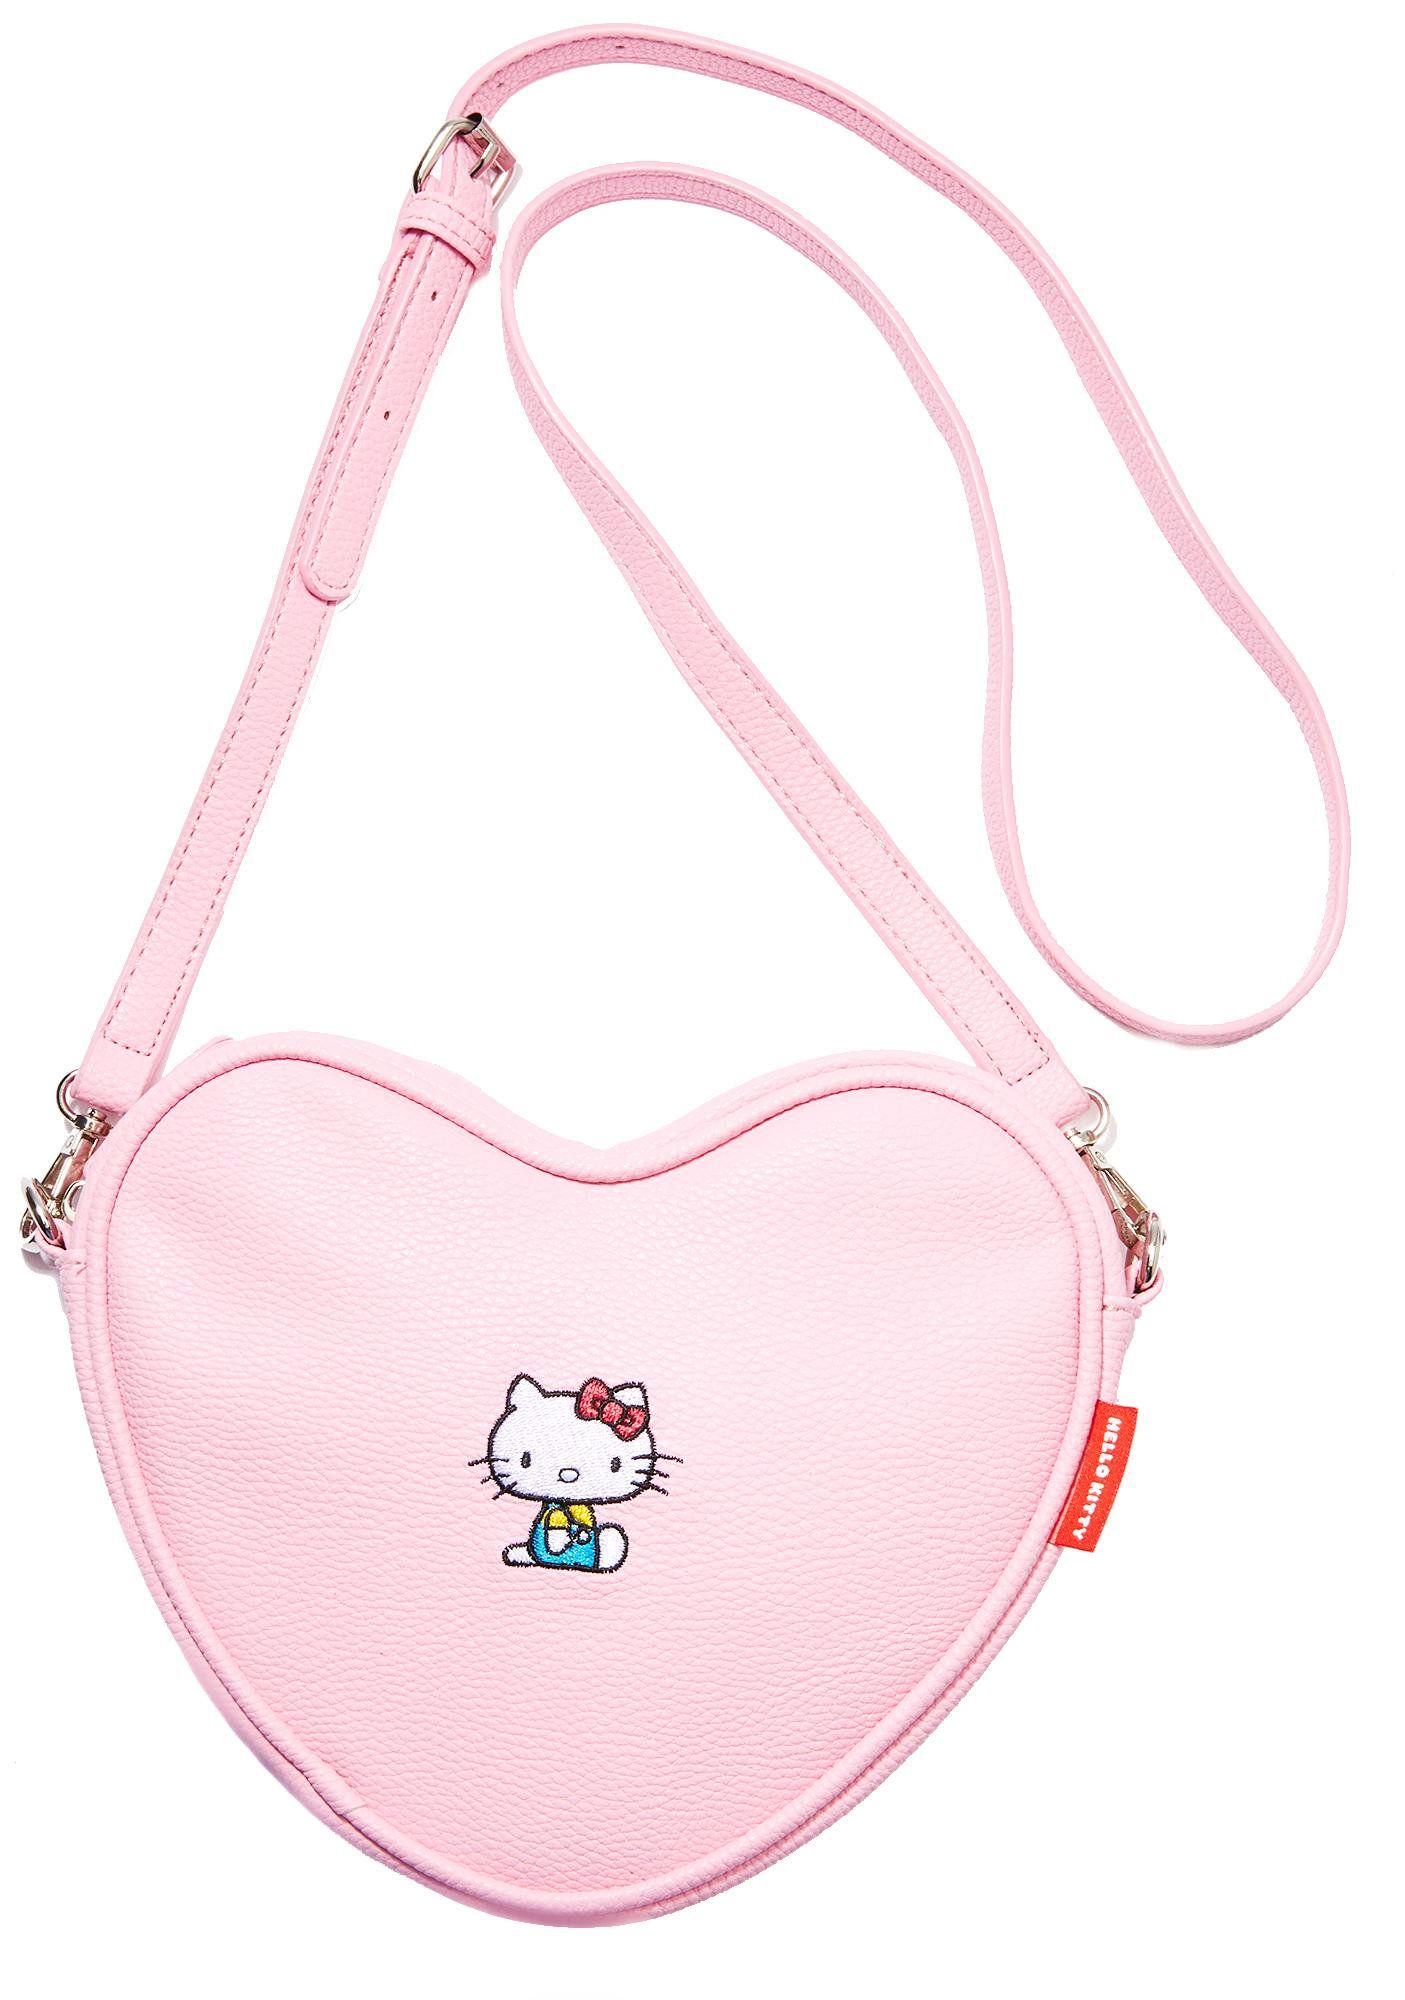 89fff7d1b Hello Kitty Soft Heart Bag | Mignons Sacs | Bags, Soft heart, Cute ...